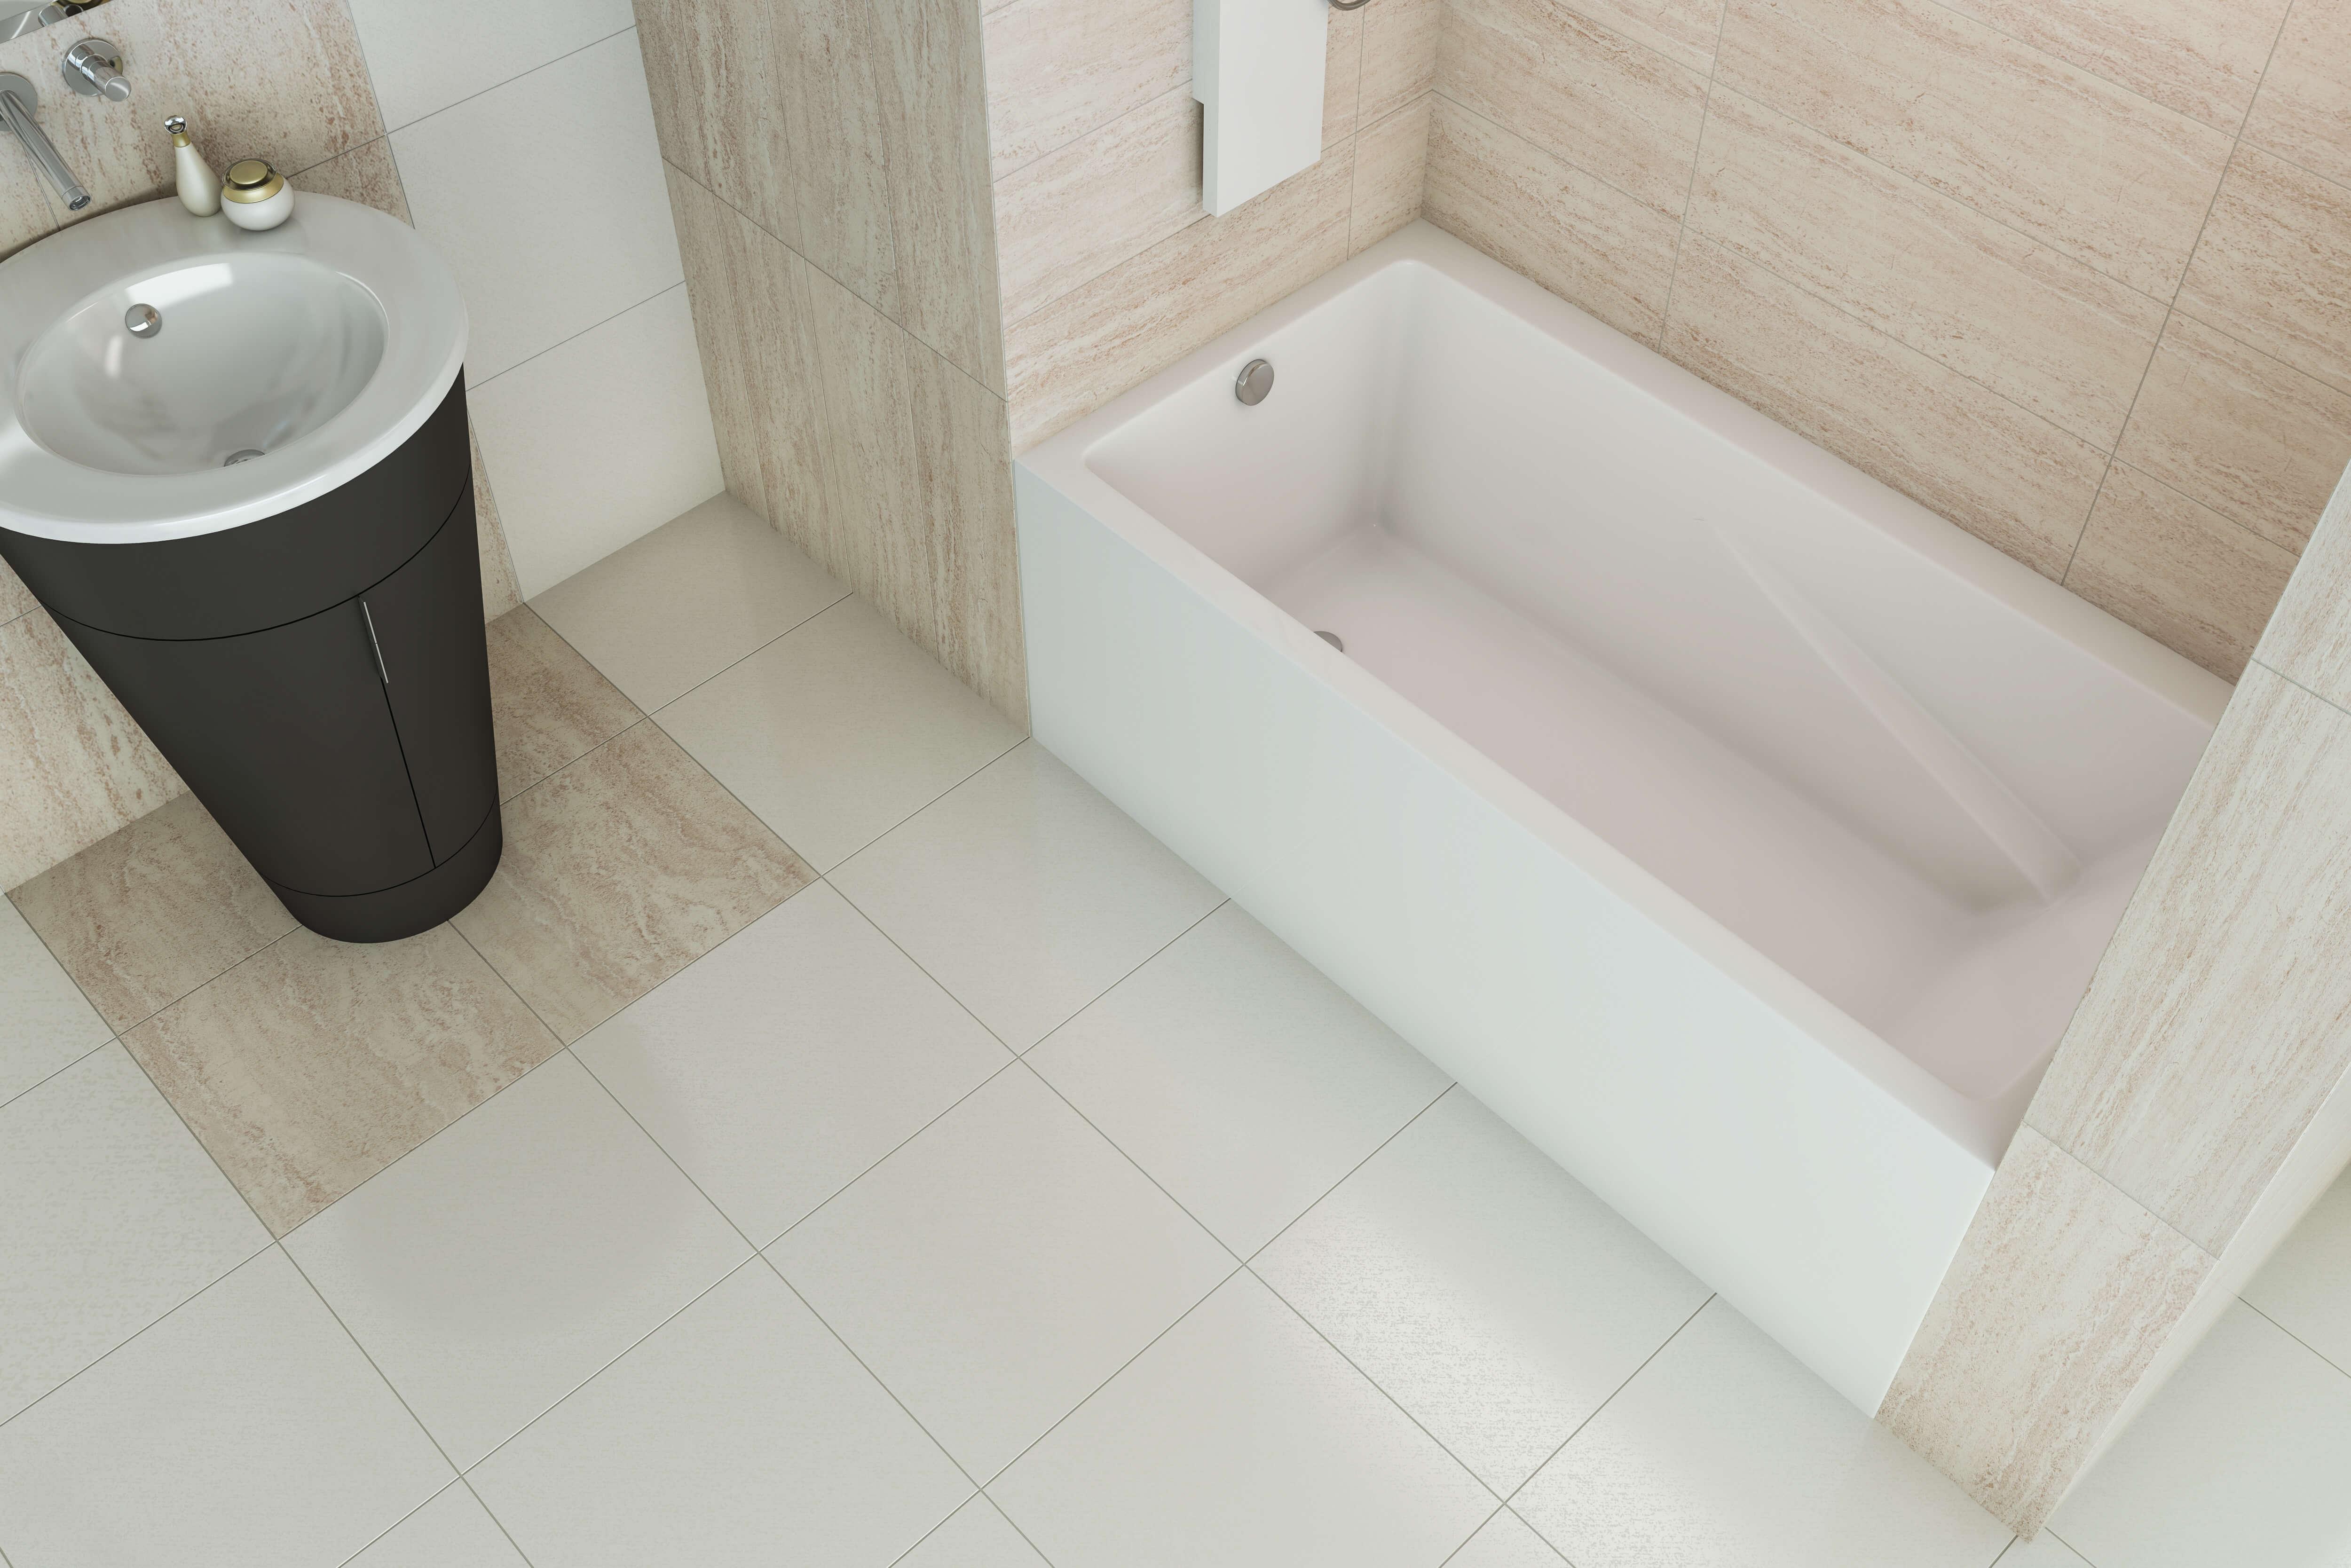 standard bathtubs solar inch new bathtub x integral bathroom above floor by american apron in rough